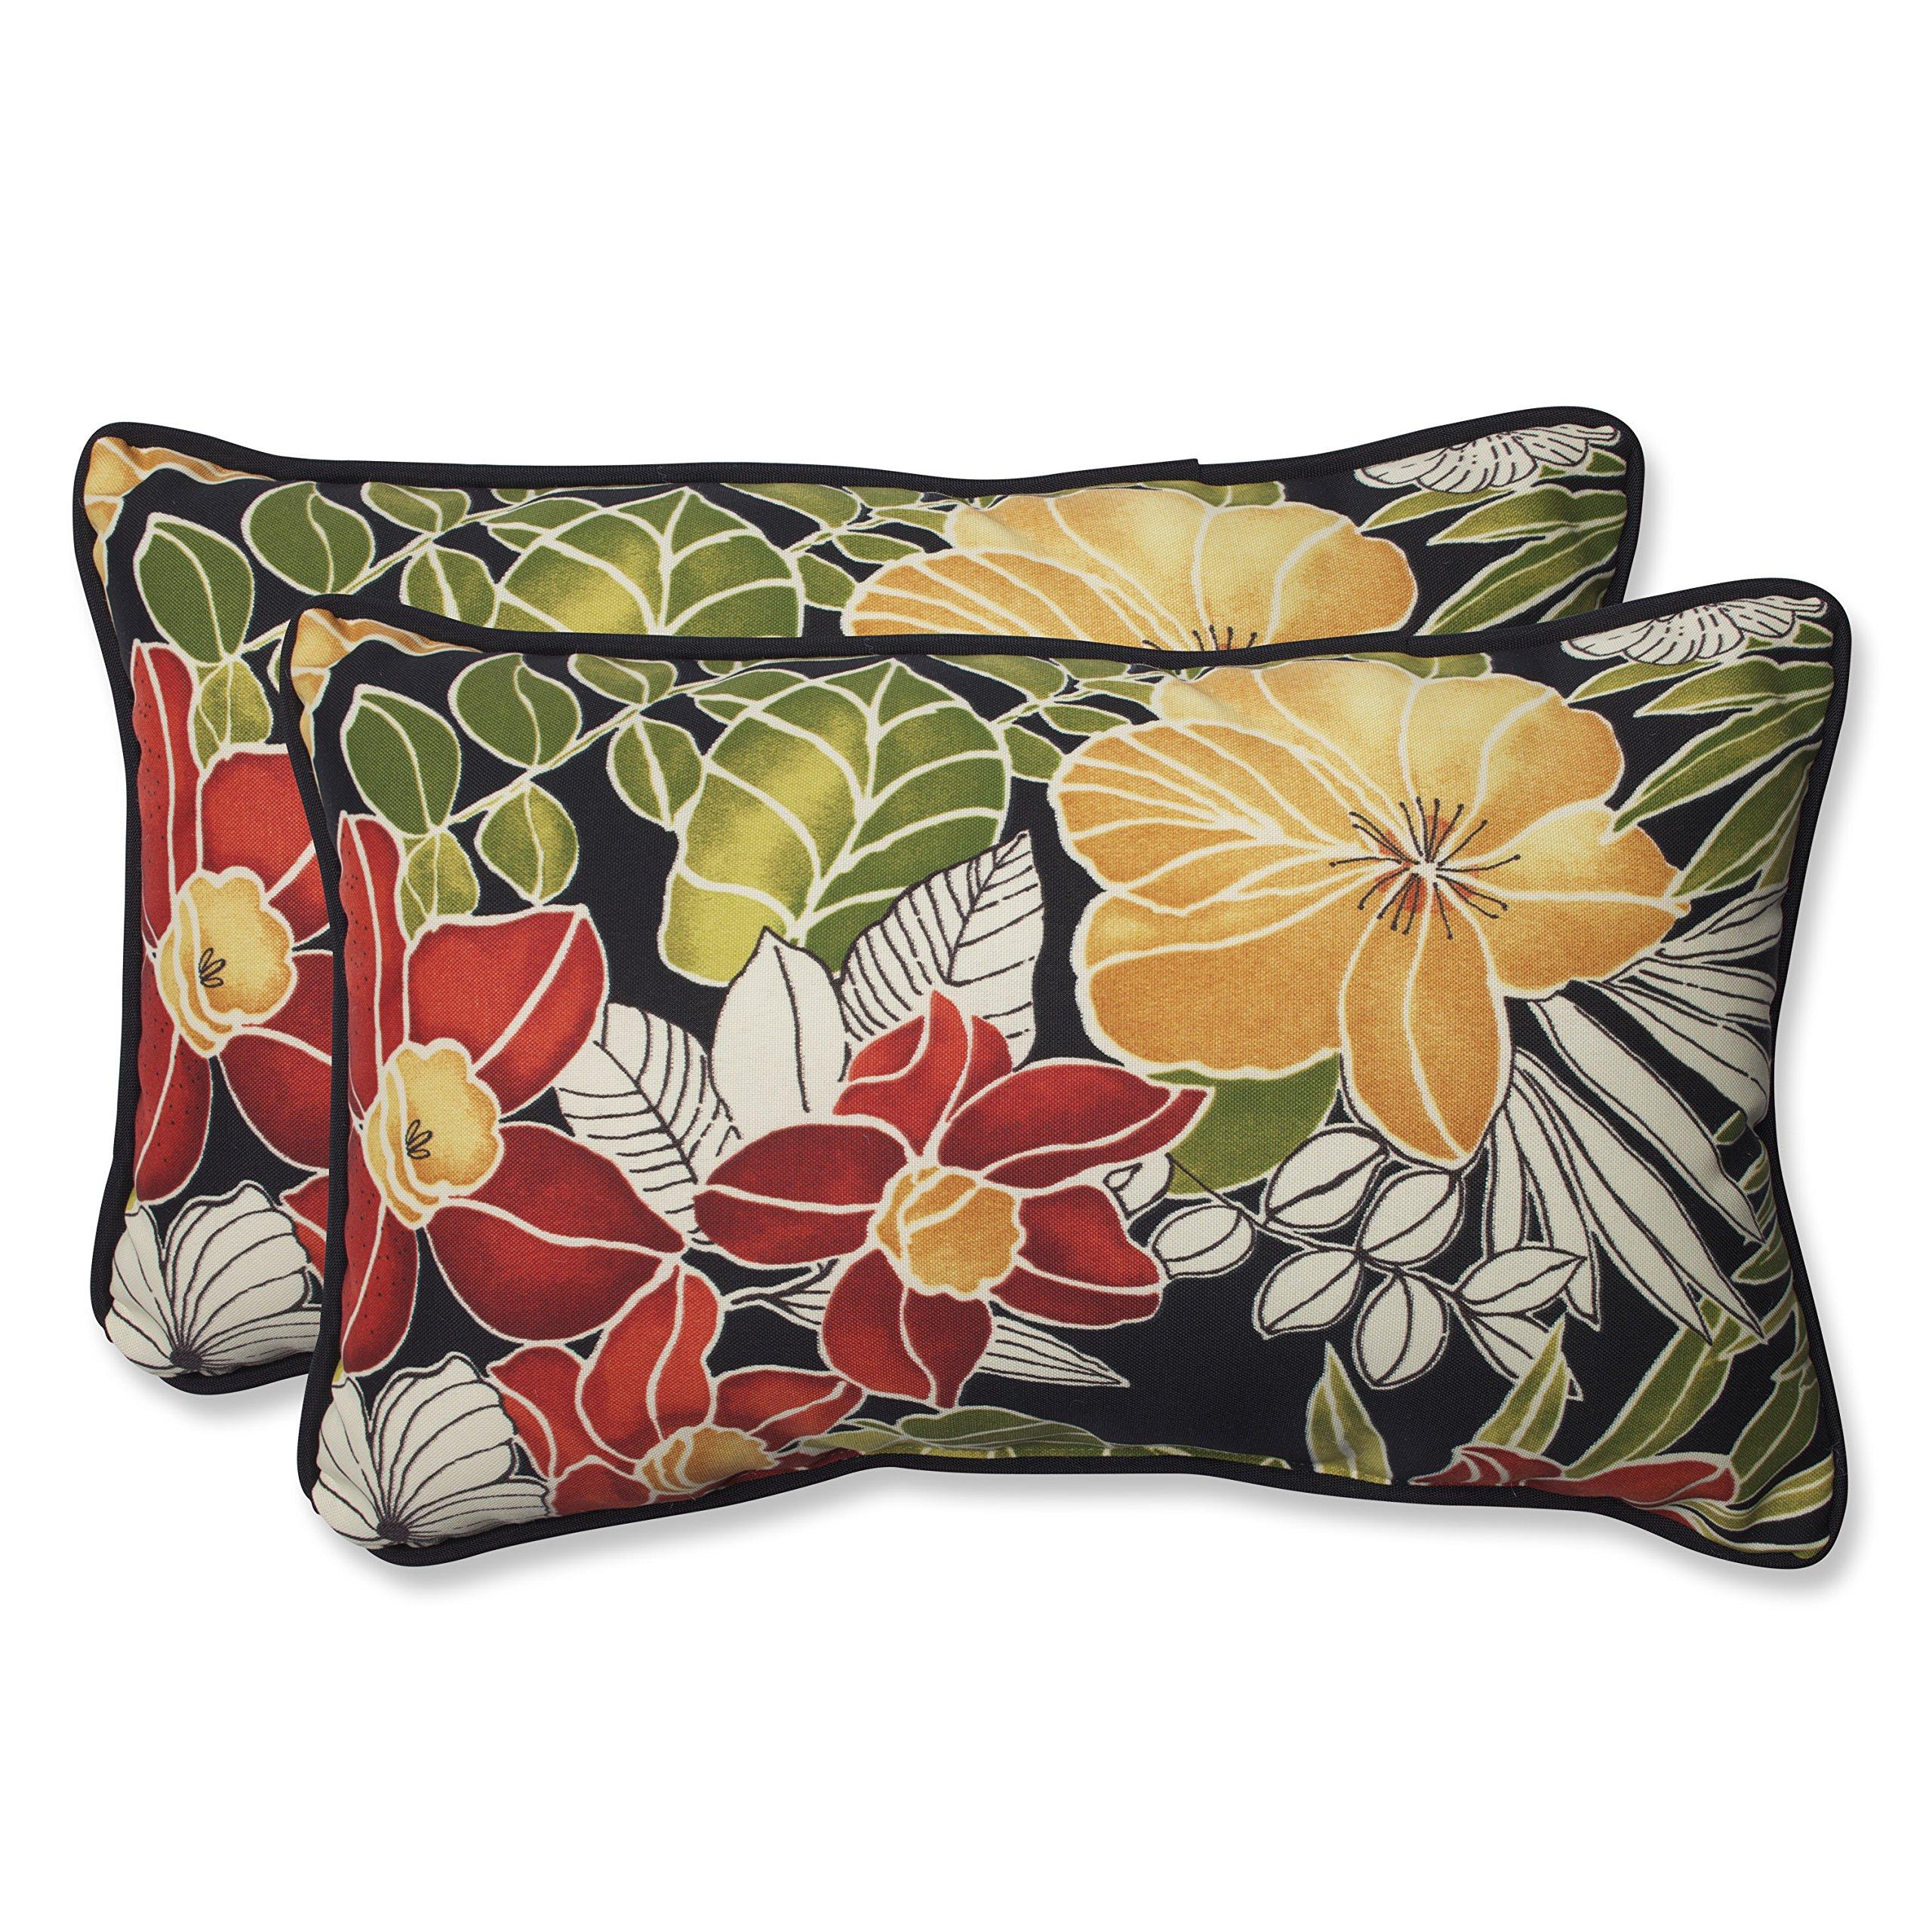 Pillow Perfect Outdoor Clemens Rectangular Throw Pillow, Noir, Set of 2